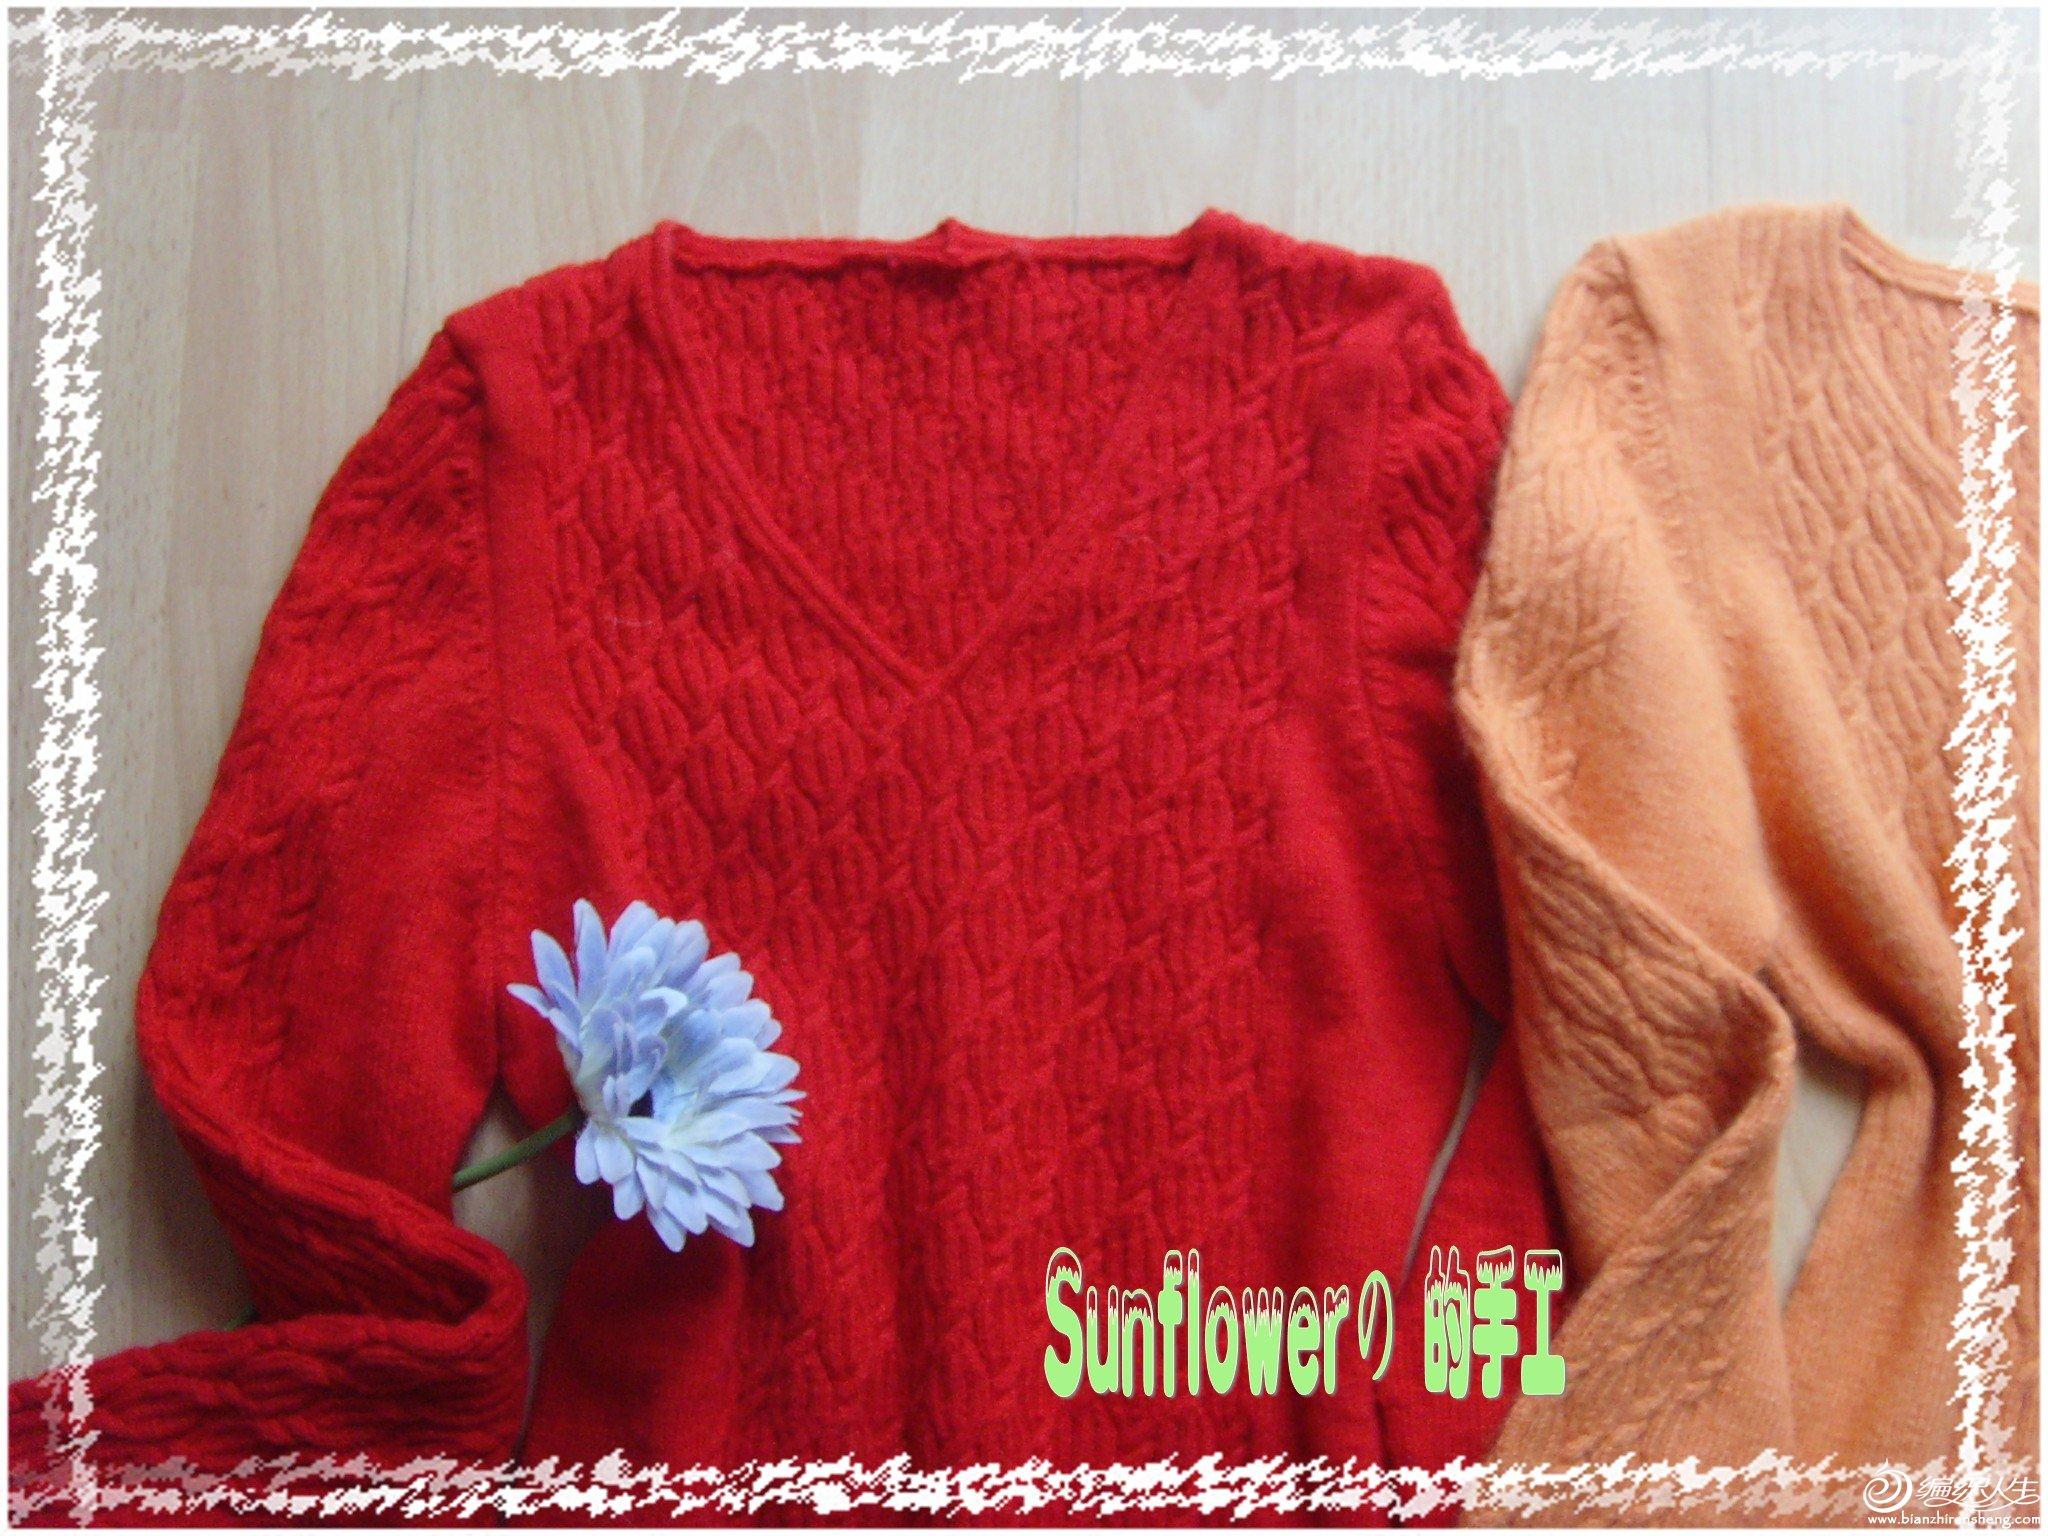 SNV32809_conew1.jpg